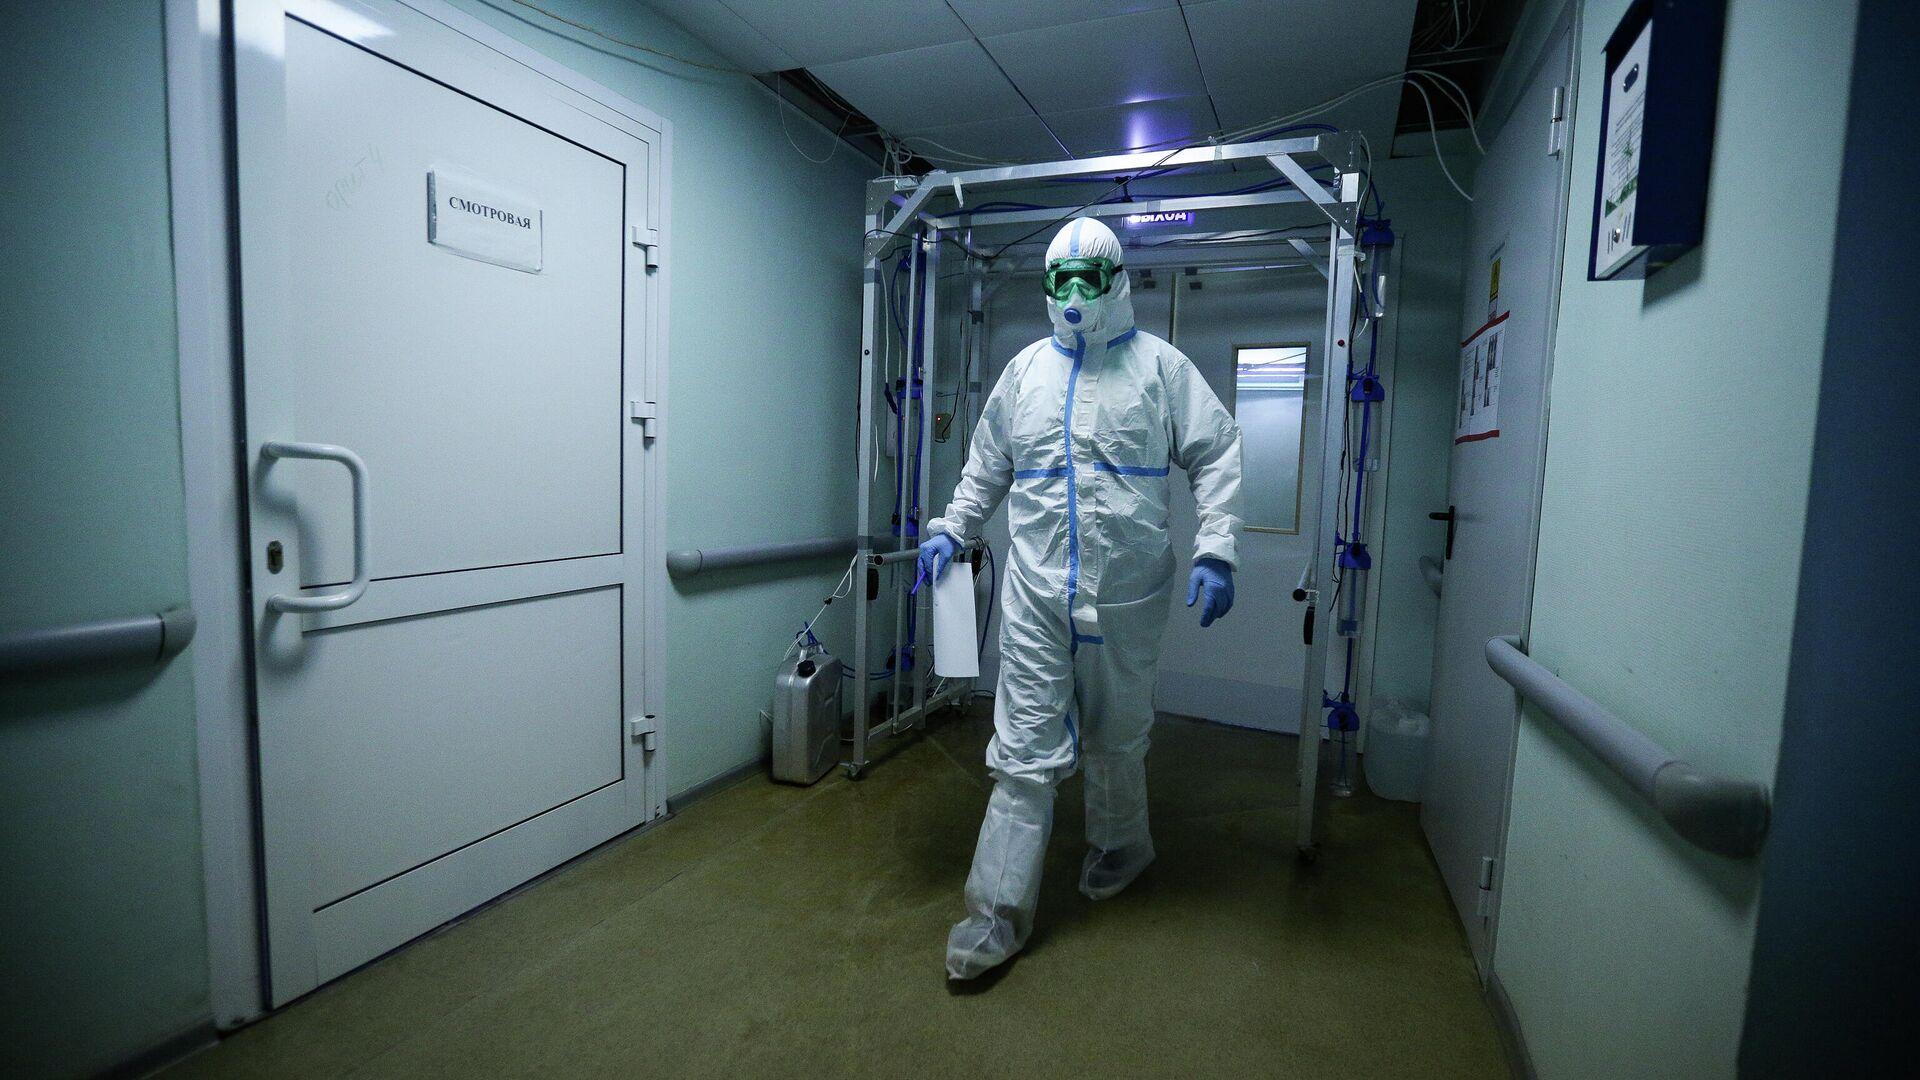 Врач Новосибирской областной клинической больницы в защитном противоэпидемическом костюме - РИА Новости, 1920, 19.01.2021